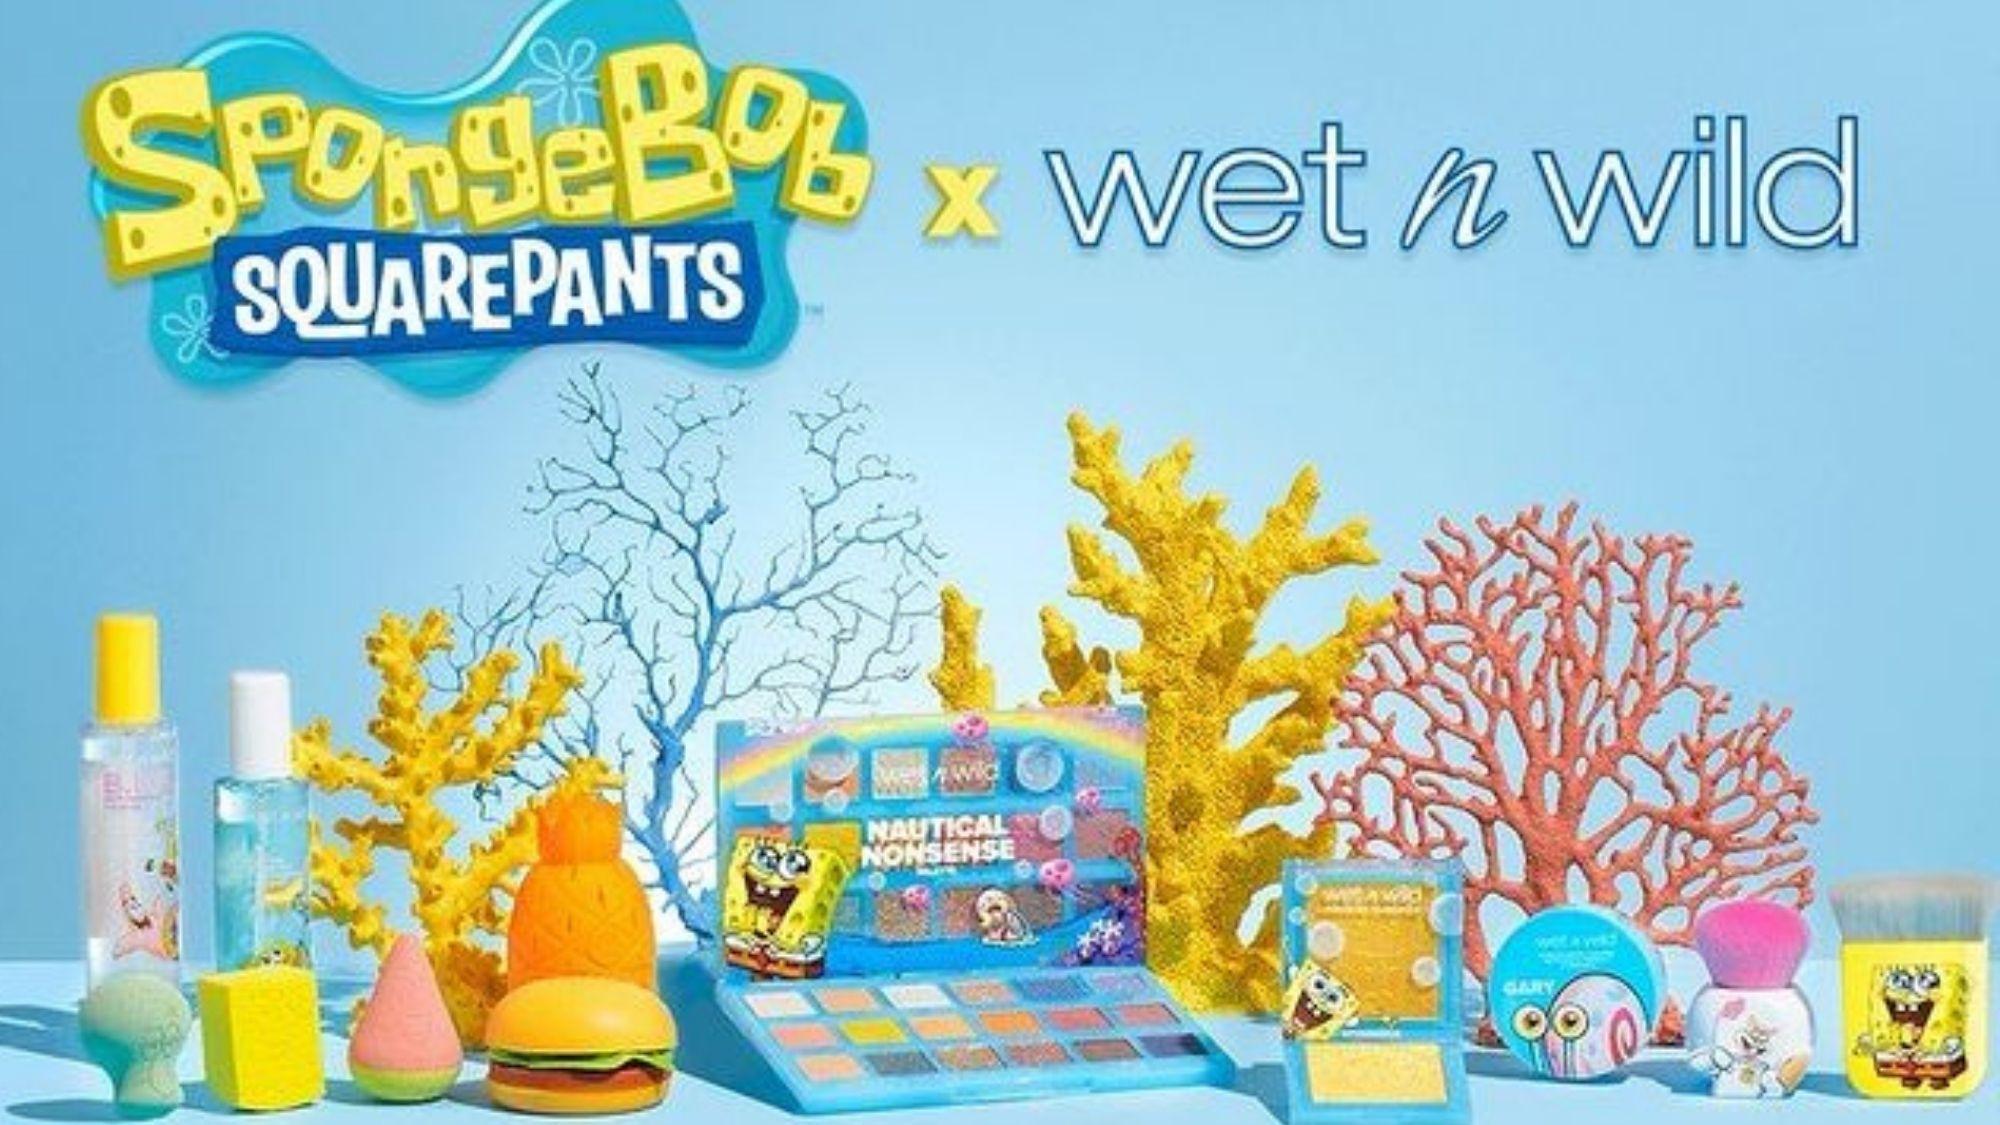 Wet n Wild is teaming up with SpongeBob Squarepants